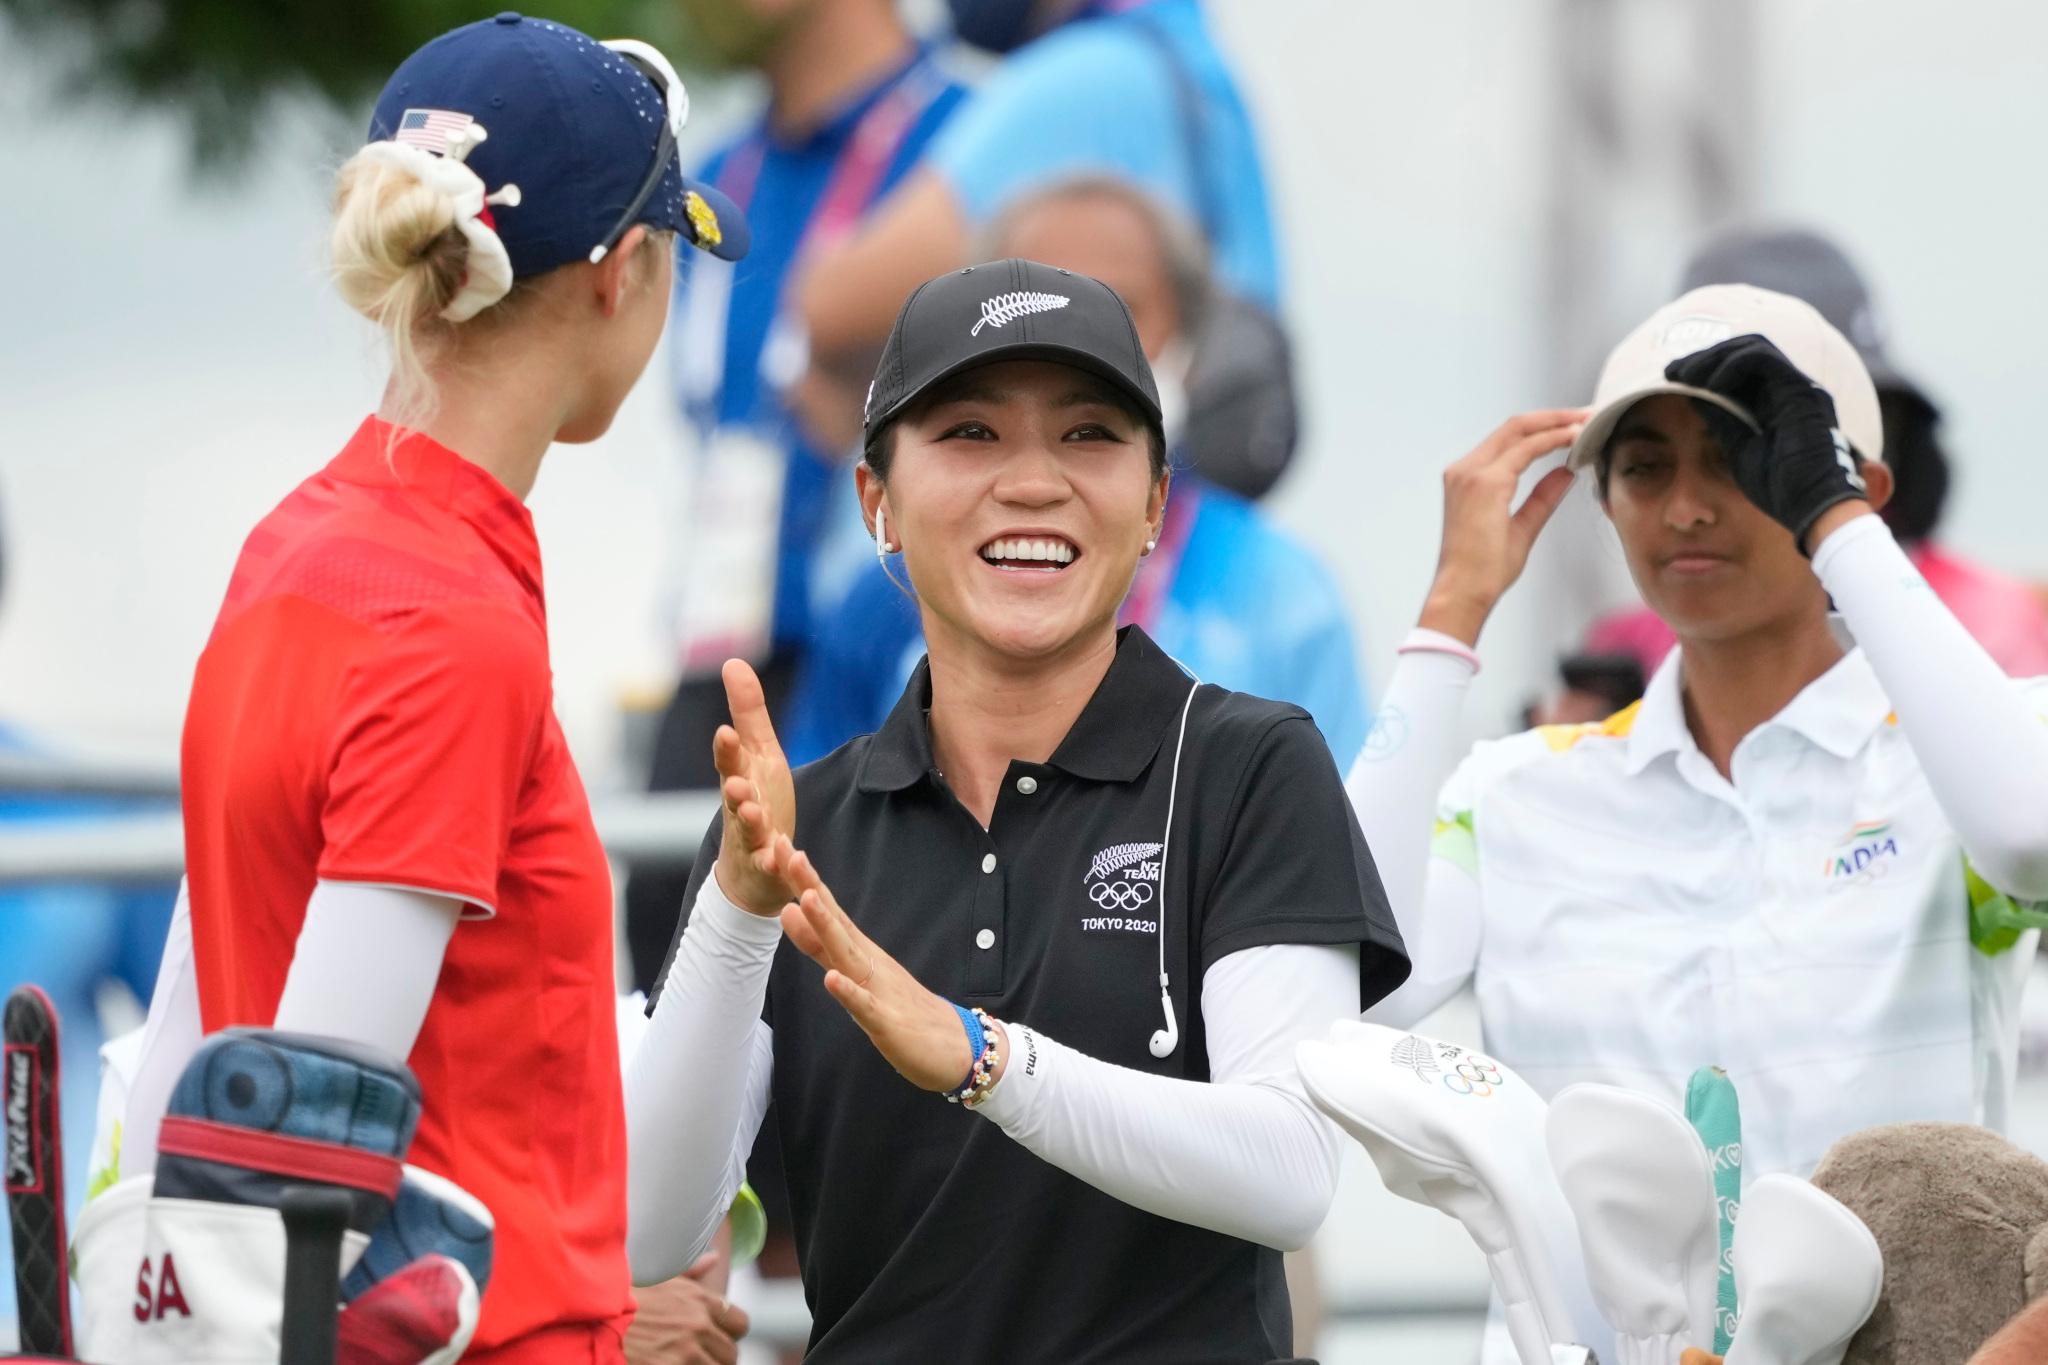 Các golfer nữ đang tranh tài ở Kasumigaseki trong khuôn khổ Olympic Tokyo 2020 cũng phải tuân thủ quy định về trang phục của sân. Ảnh: USA Today